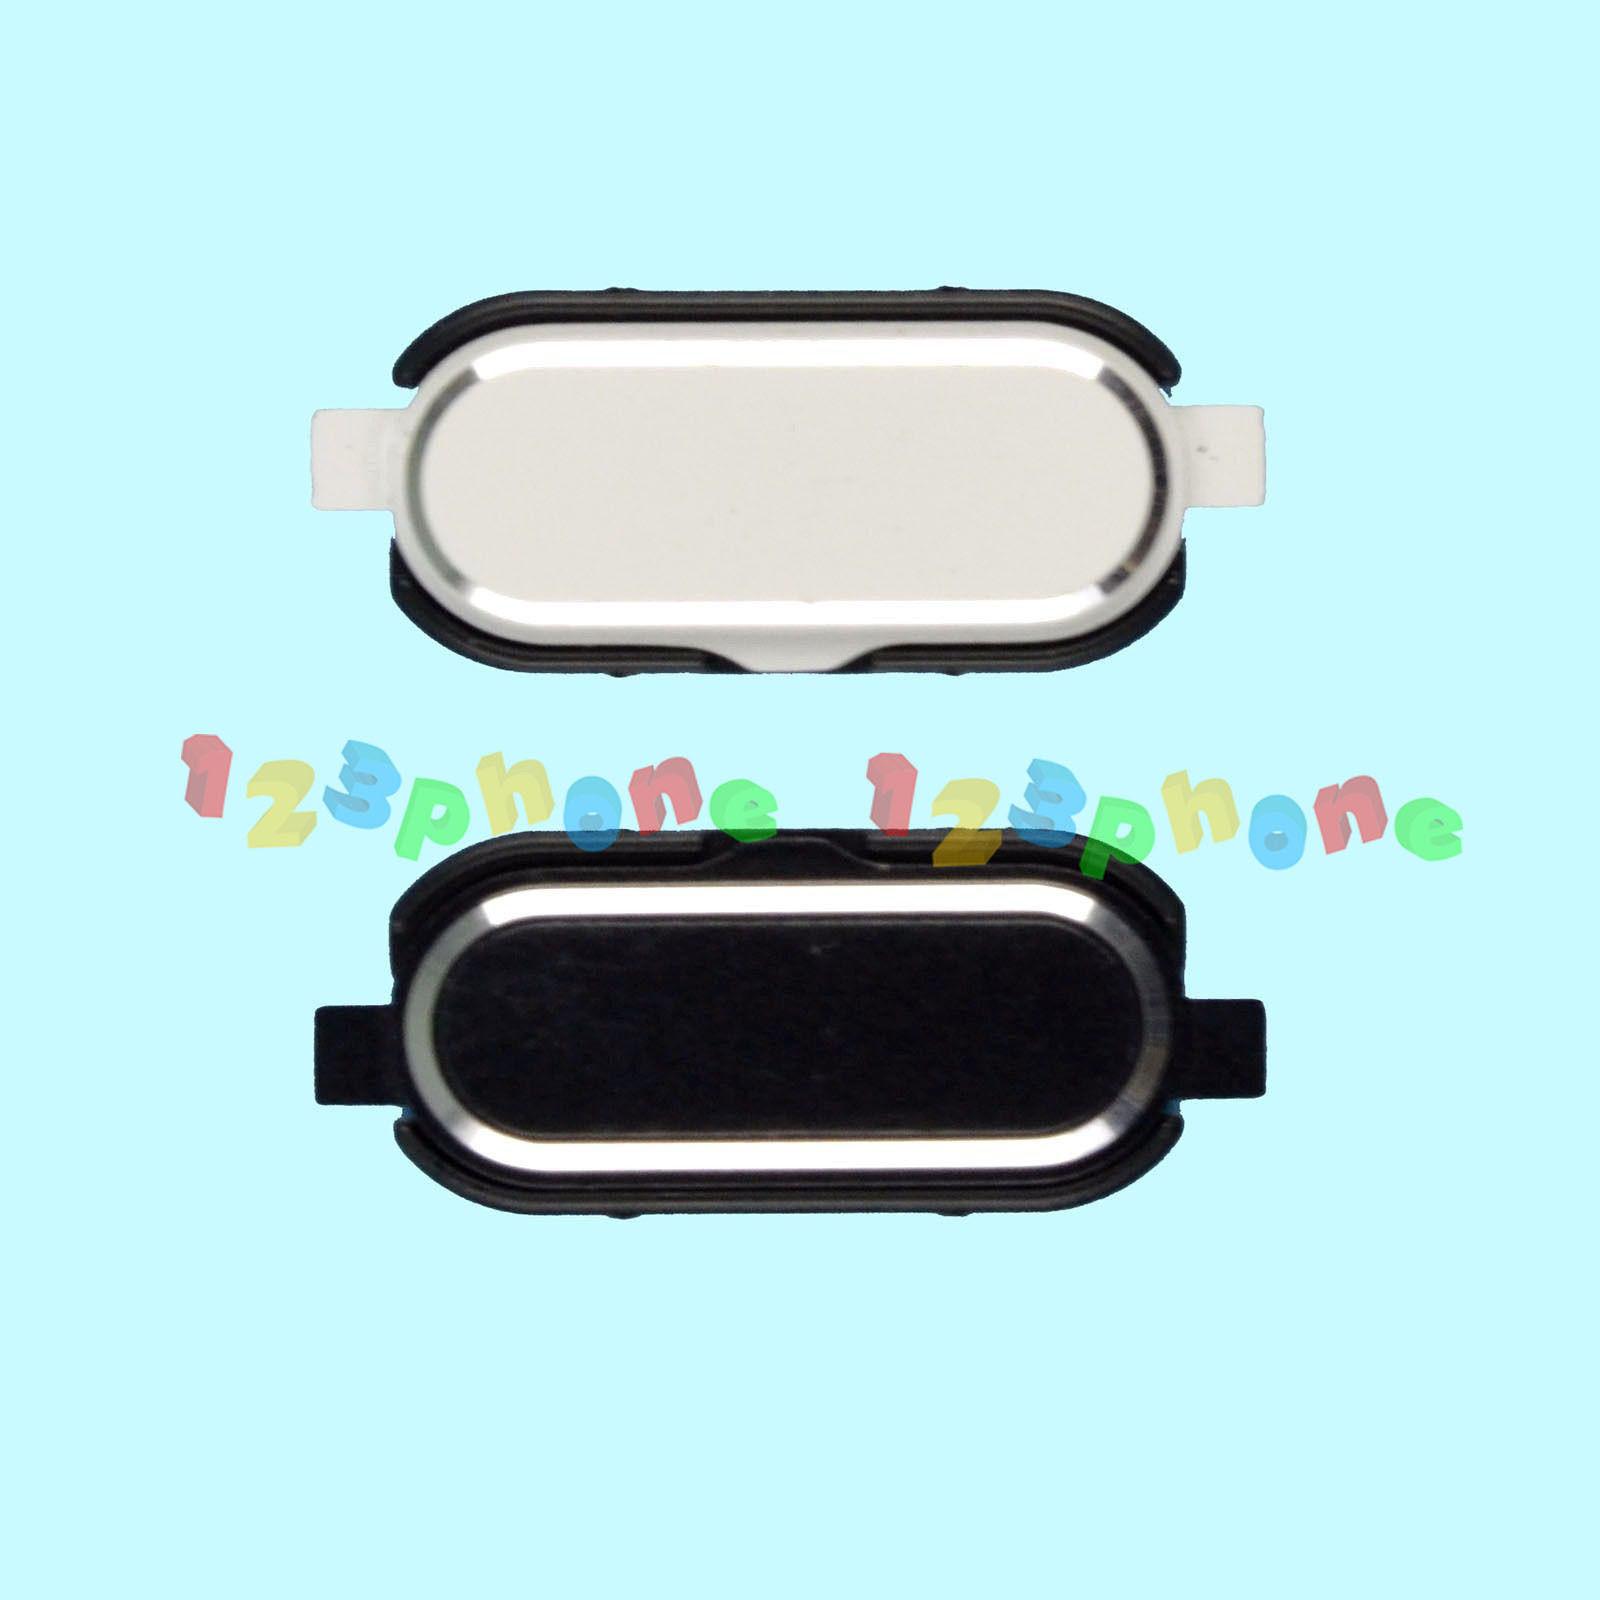 398 Brand Home Menu Button For Samsung Galaxy E5 E500 E7 E700 B 487 Ebay Electronics